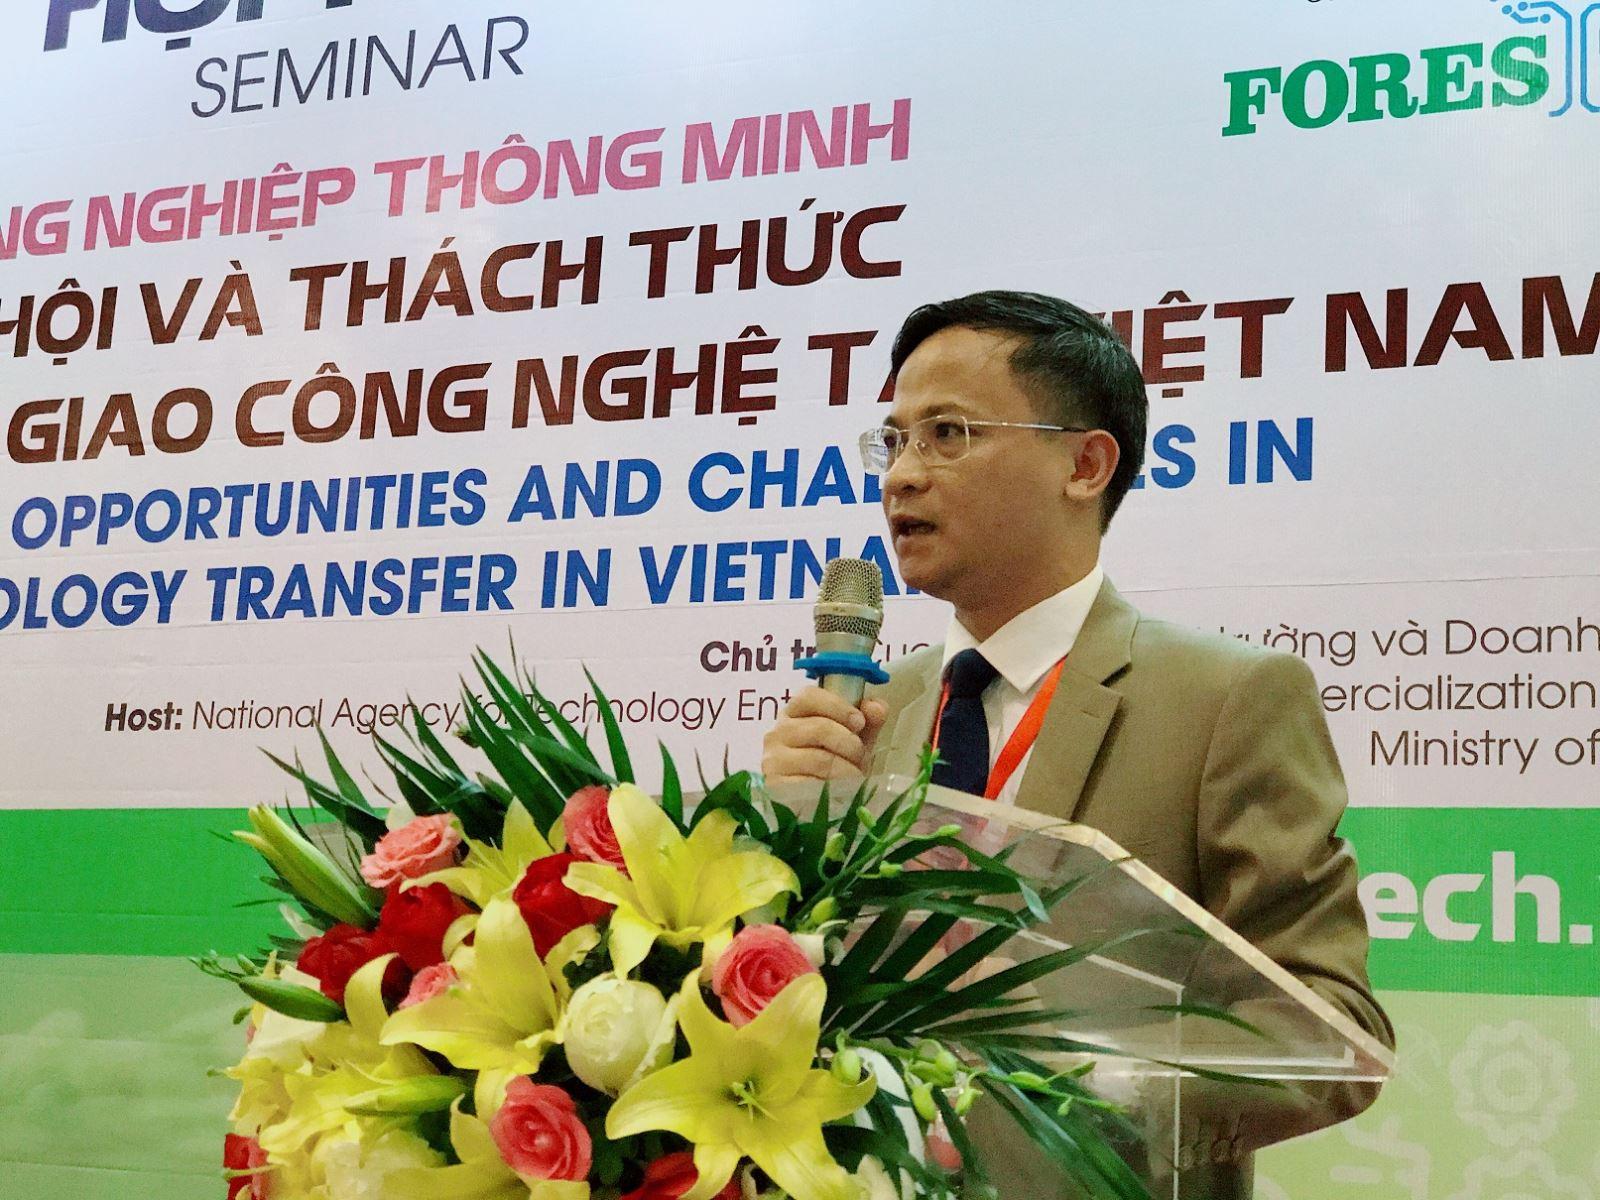 Ông Phạm Đức Nghiệm – Phó Cục trưởng Cục Phát triển thị trường và doanh nghiệp KH&CN phát biểu tại Hội thảo